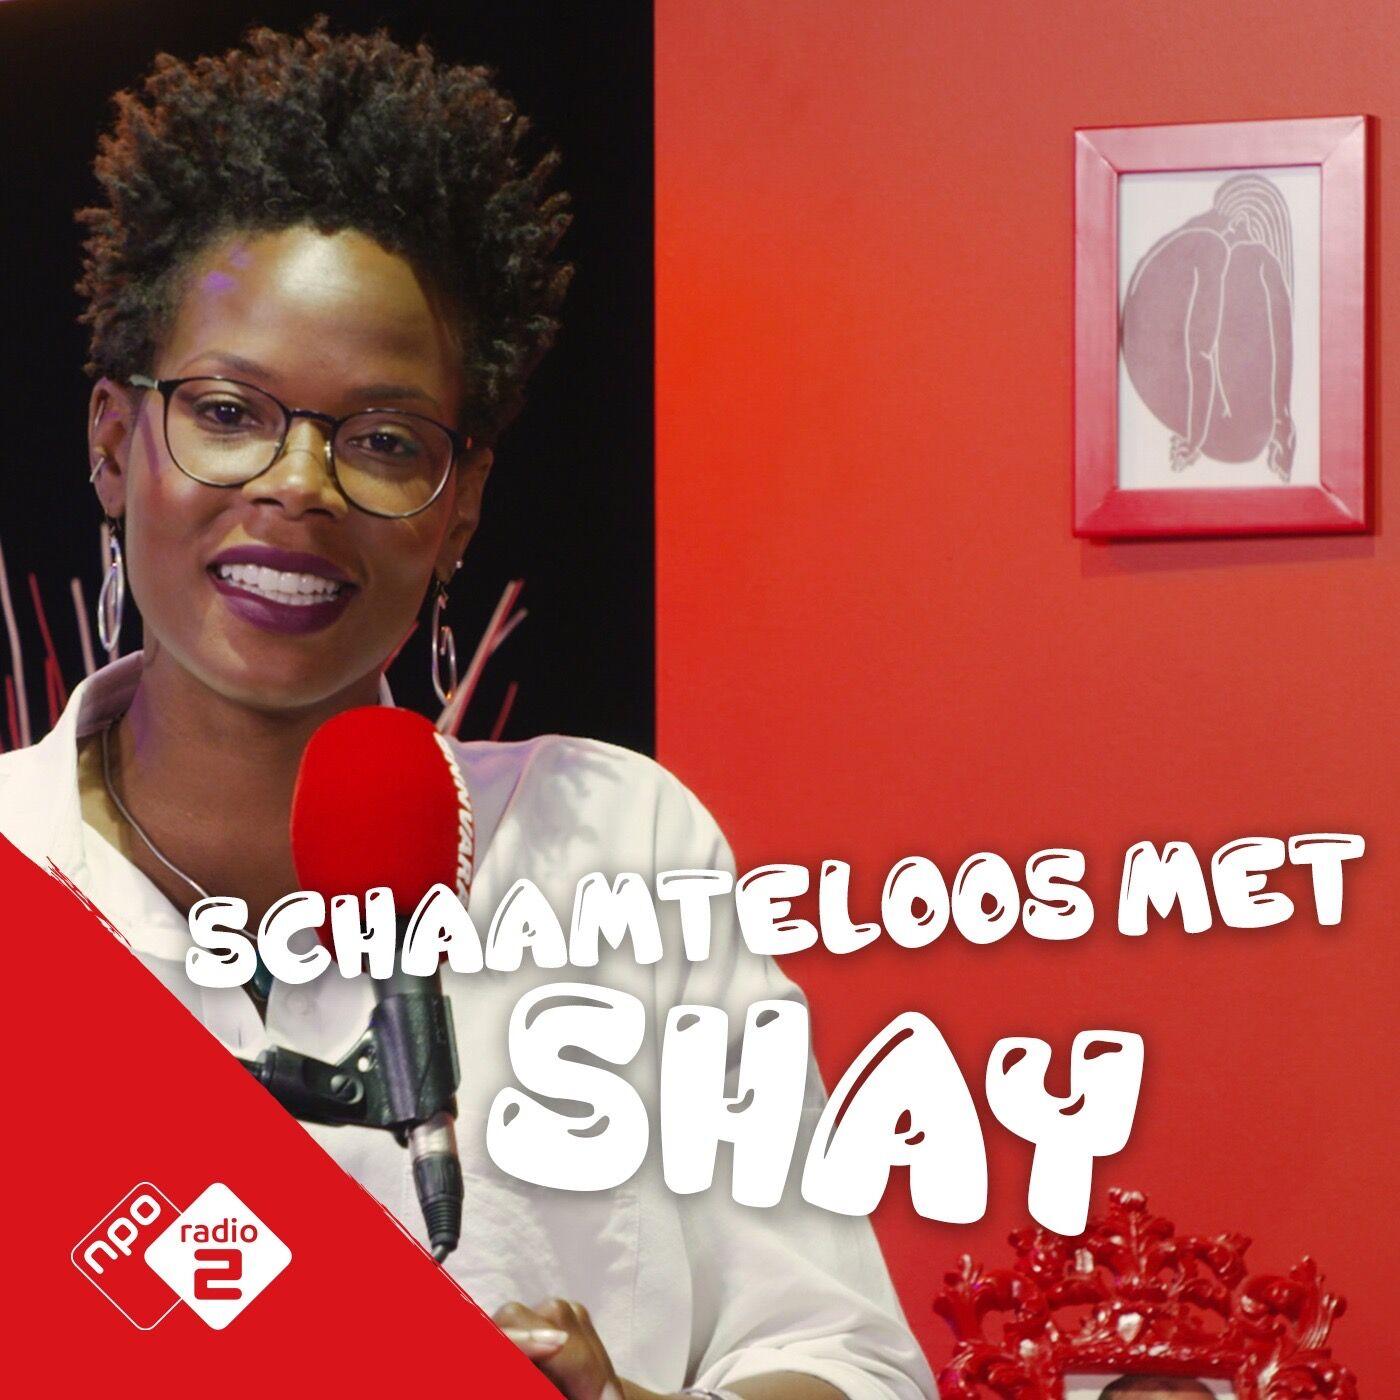 Schaamteloos met Shay logo